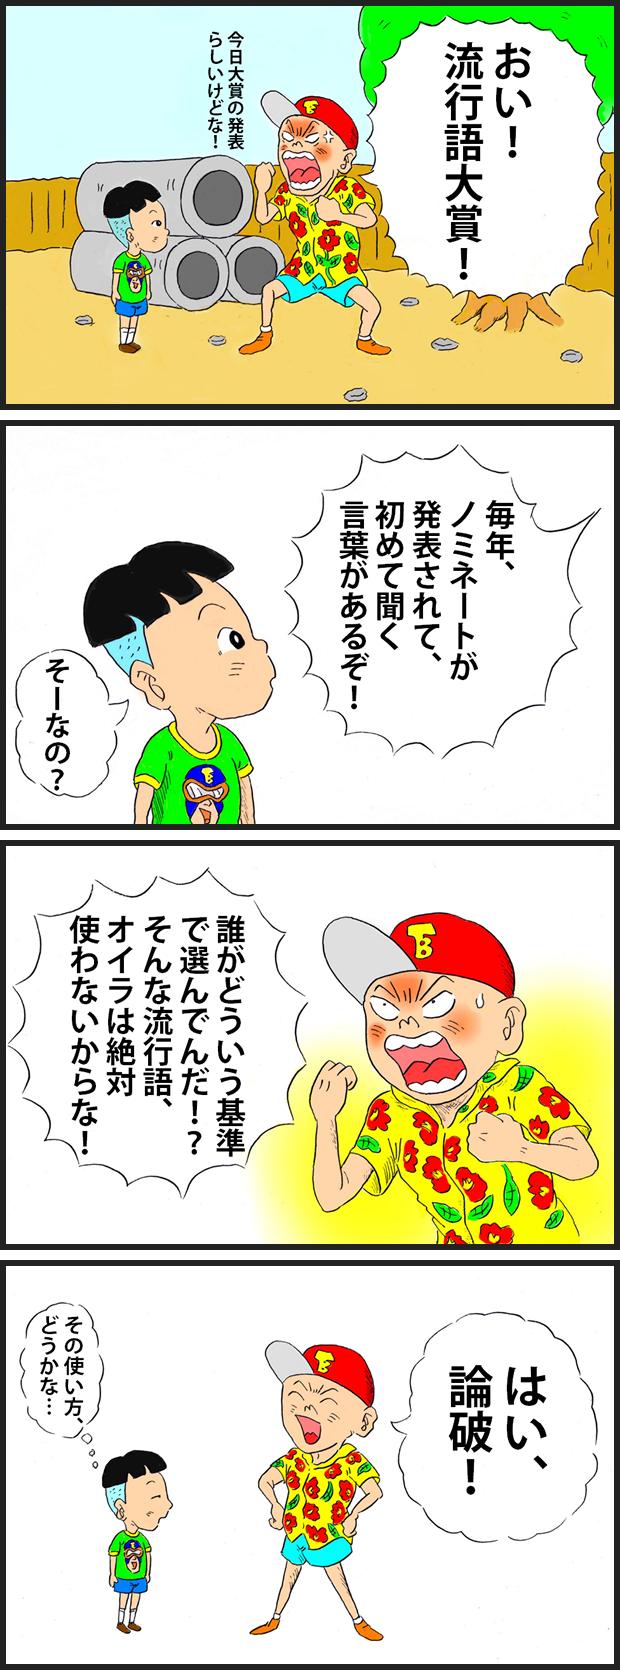 006 流行語大賞